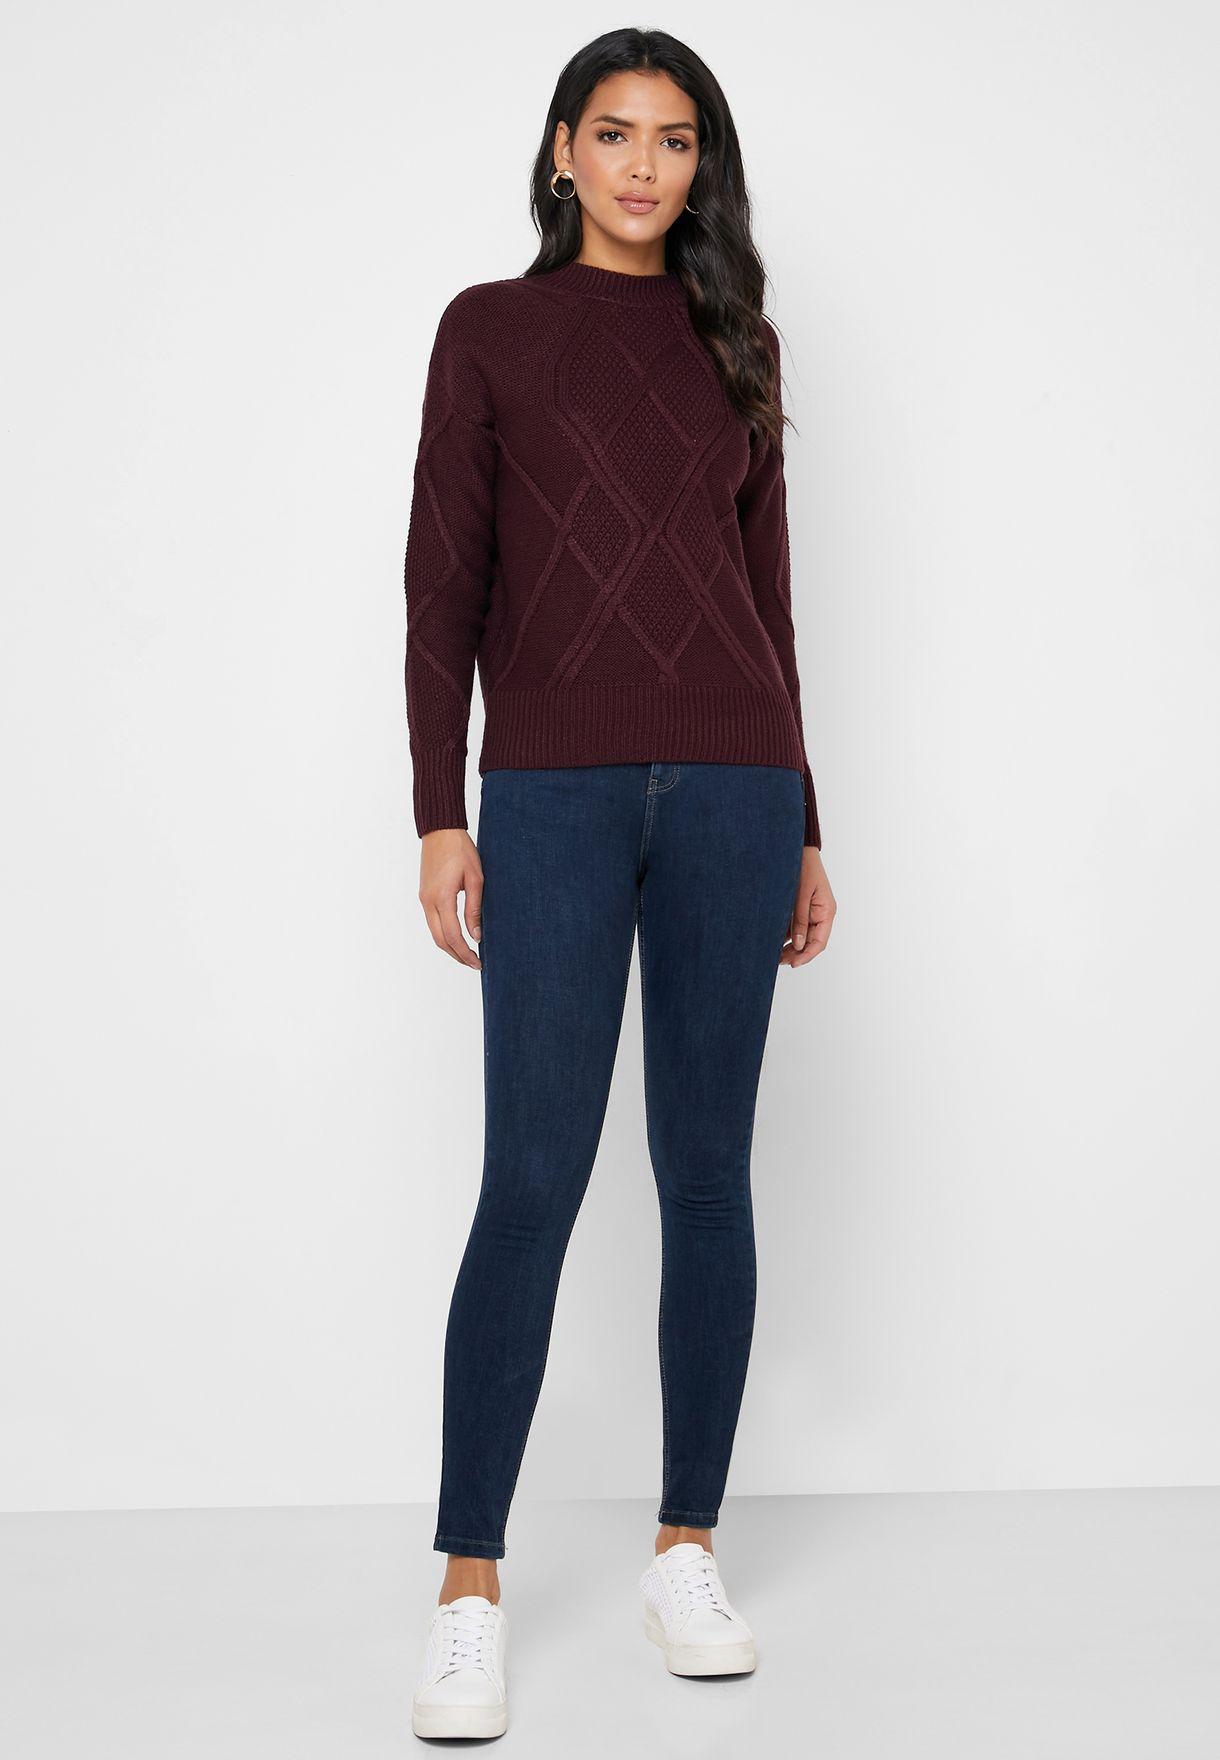 Ankle Grazer Stretch Jeans